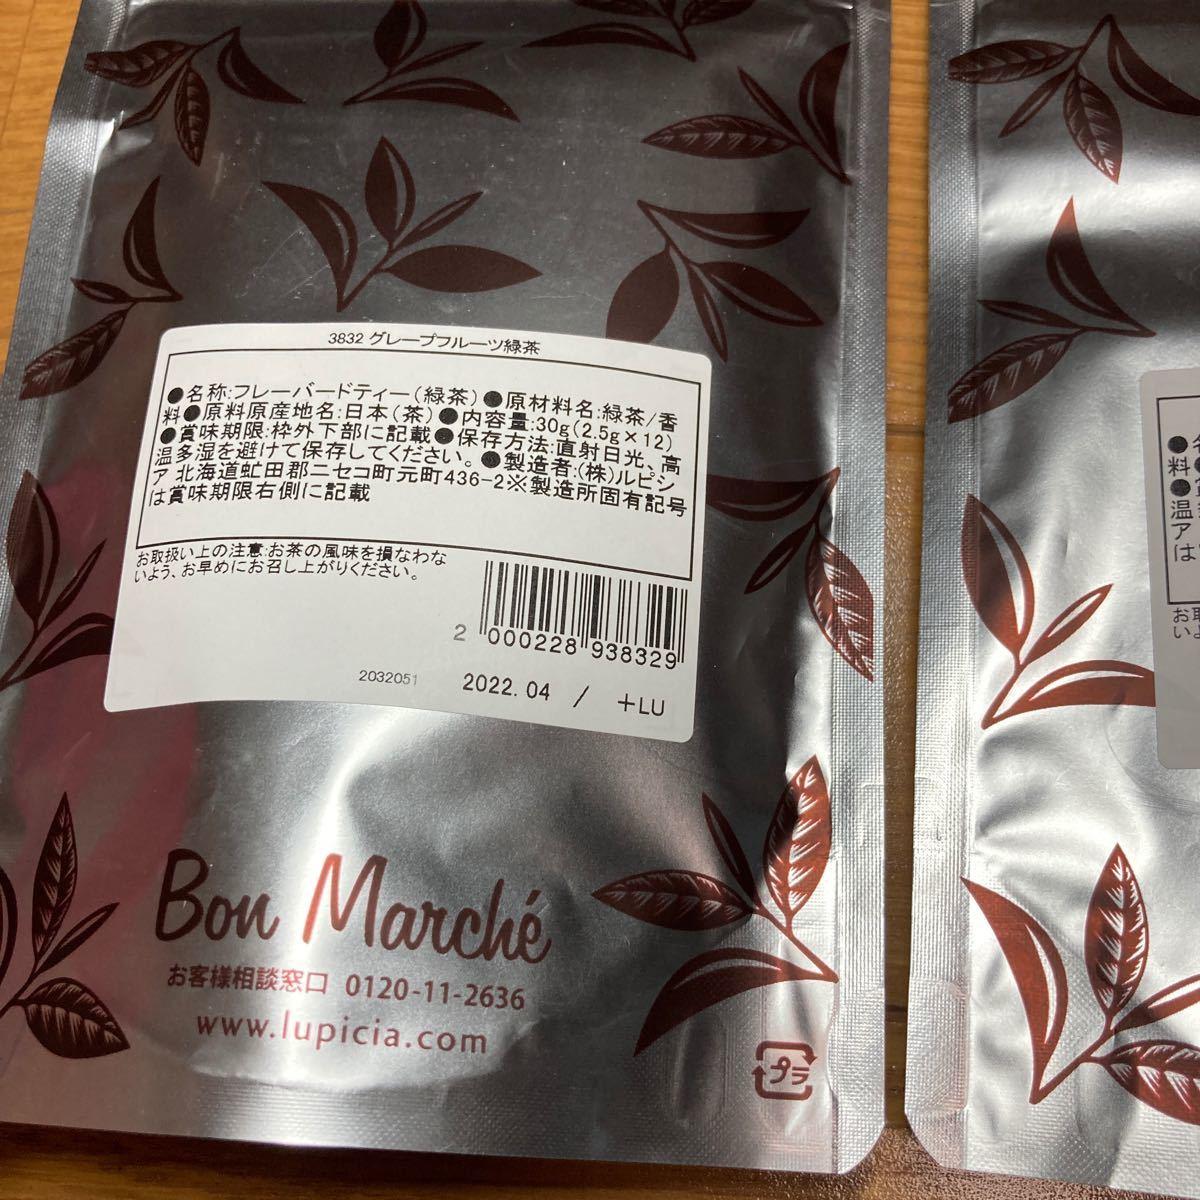 ルピシア ボンマルシェ グレープフルーツ緑茶 2袋セット フレーバードティー 柑橘系 ティーバッグ フレーバーティー